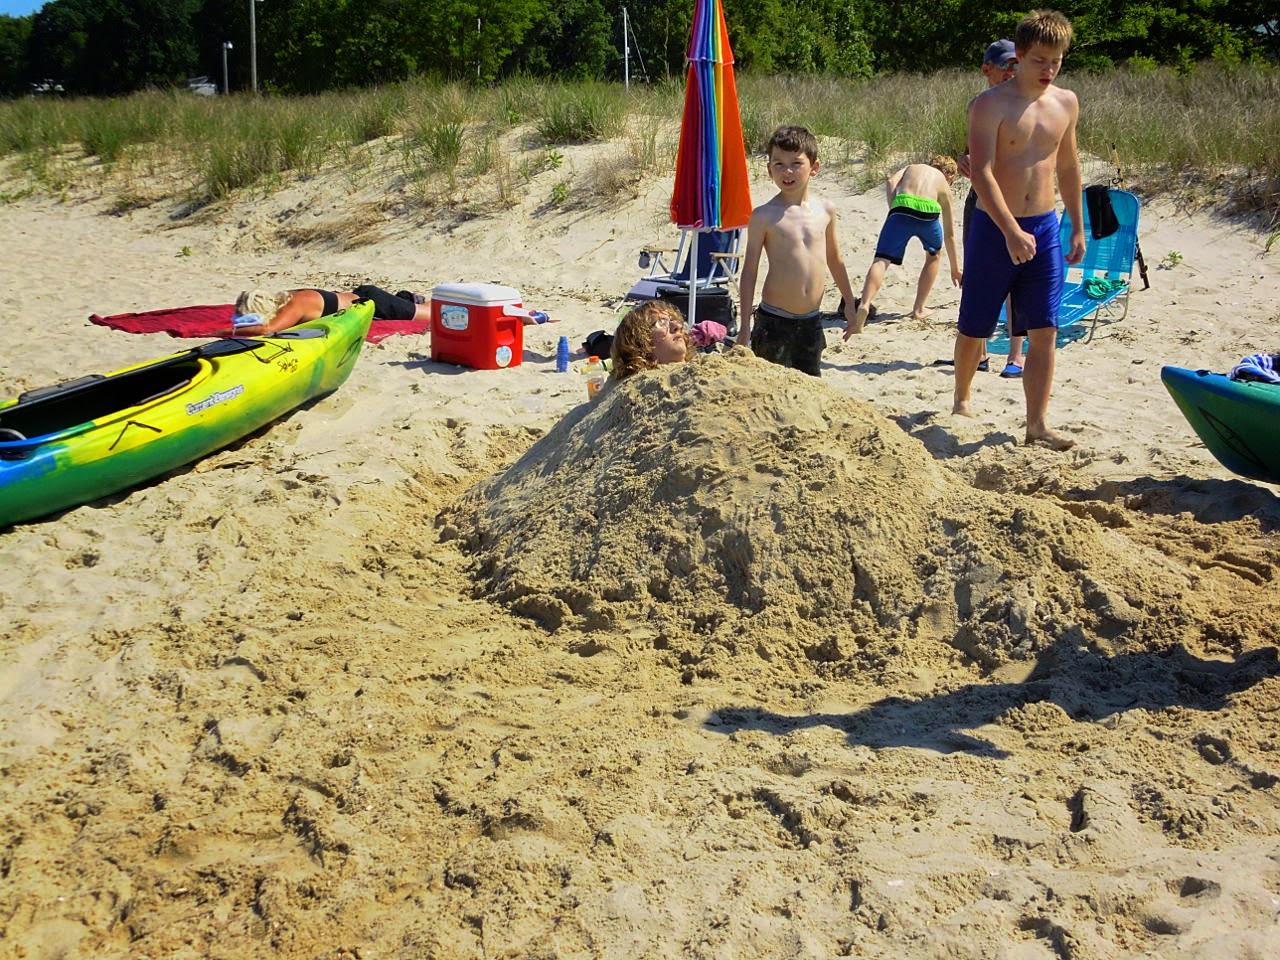 CA Beaches Graded A+ Through F: Heal The Bays Beach